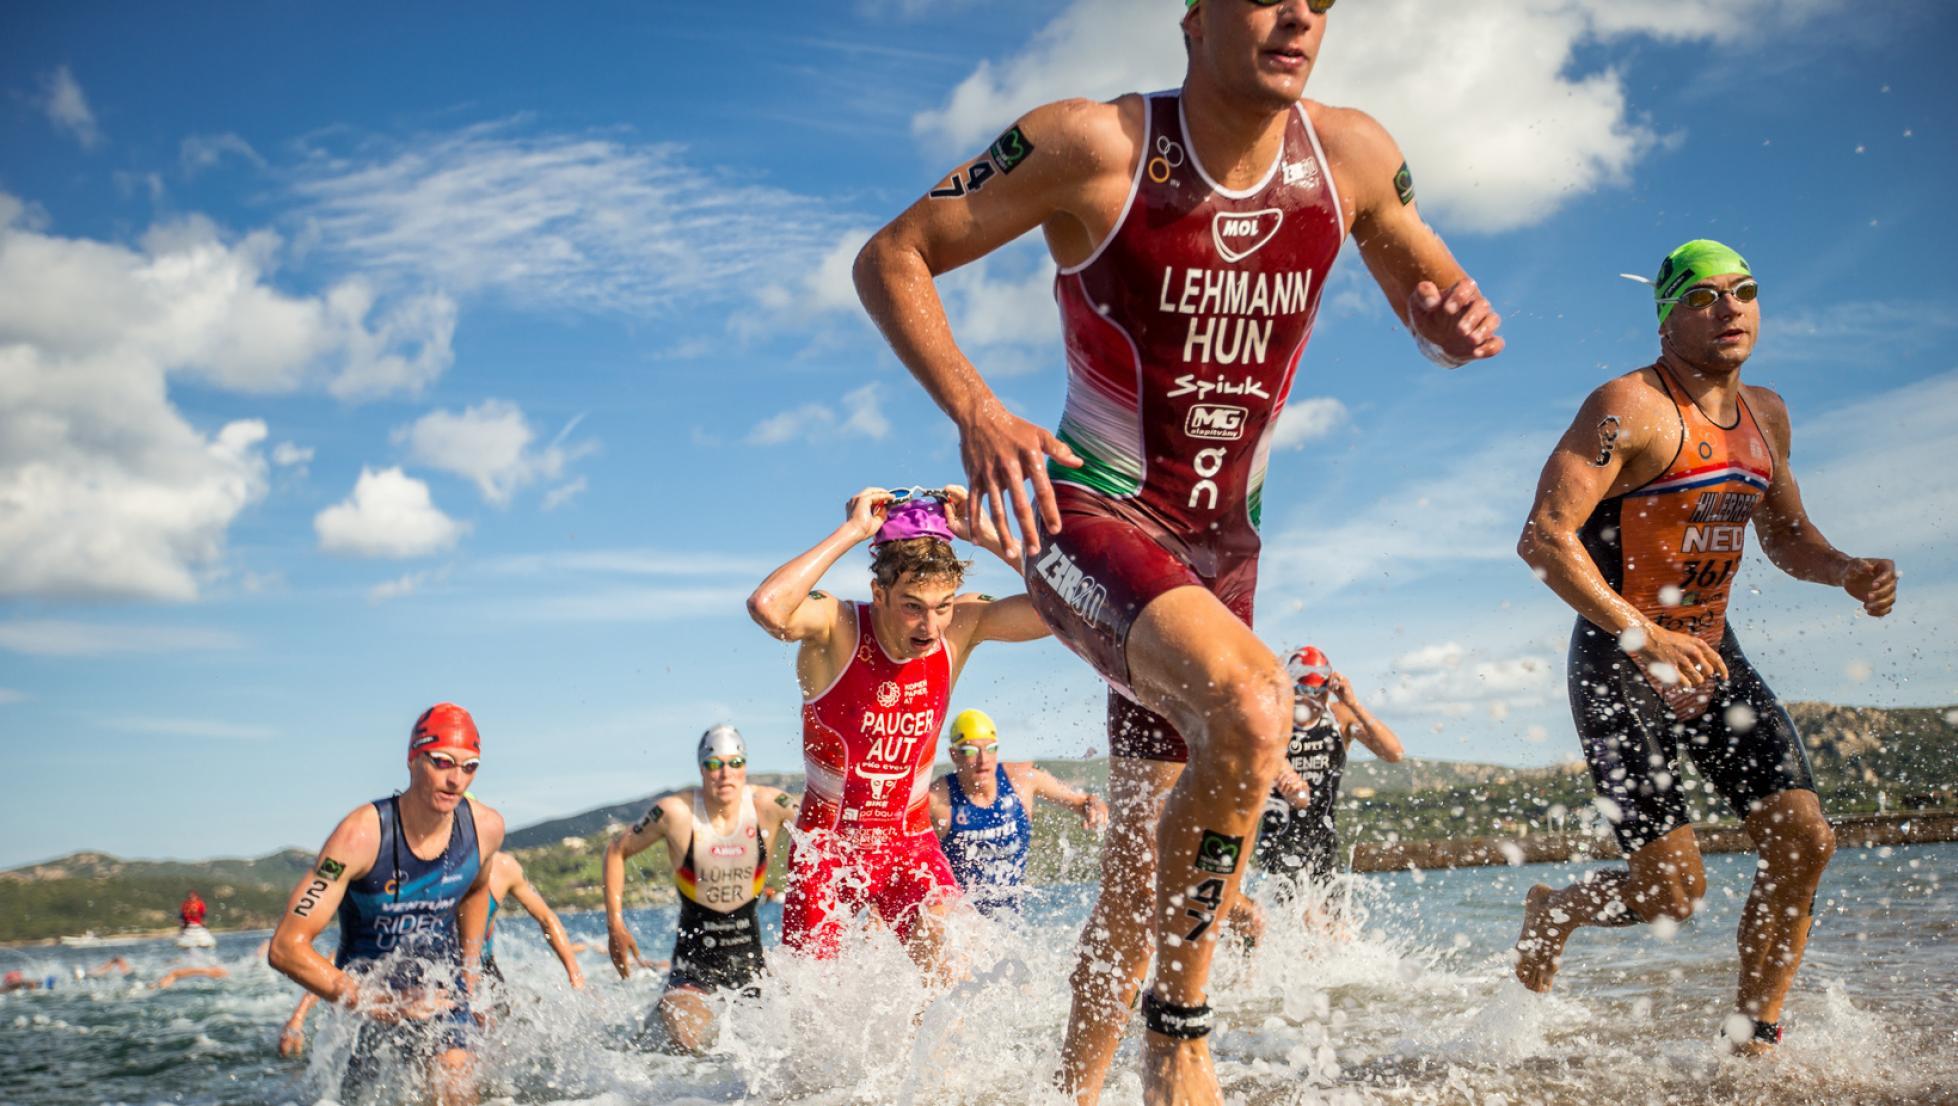 ITU World Cup - Arzachena 2020 - frazione maschile swimming